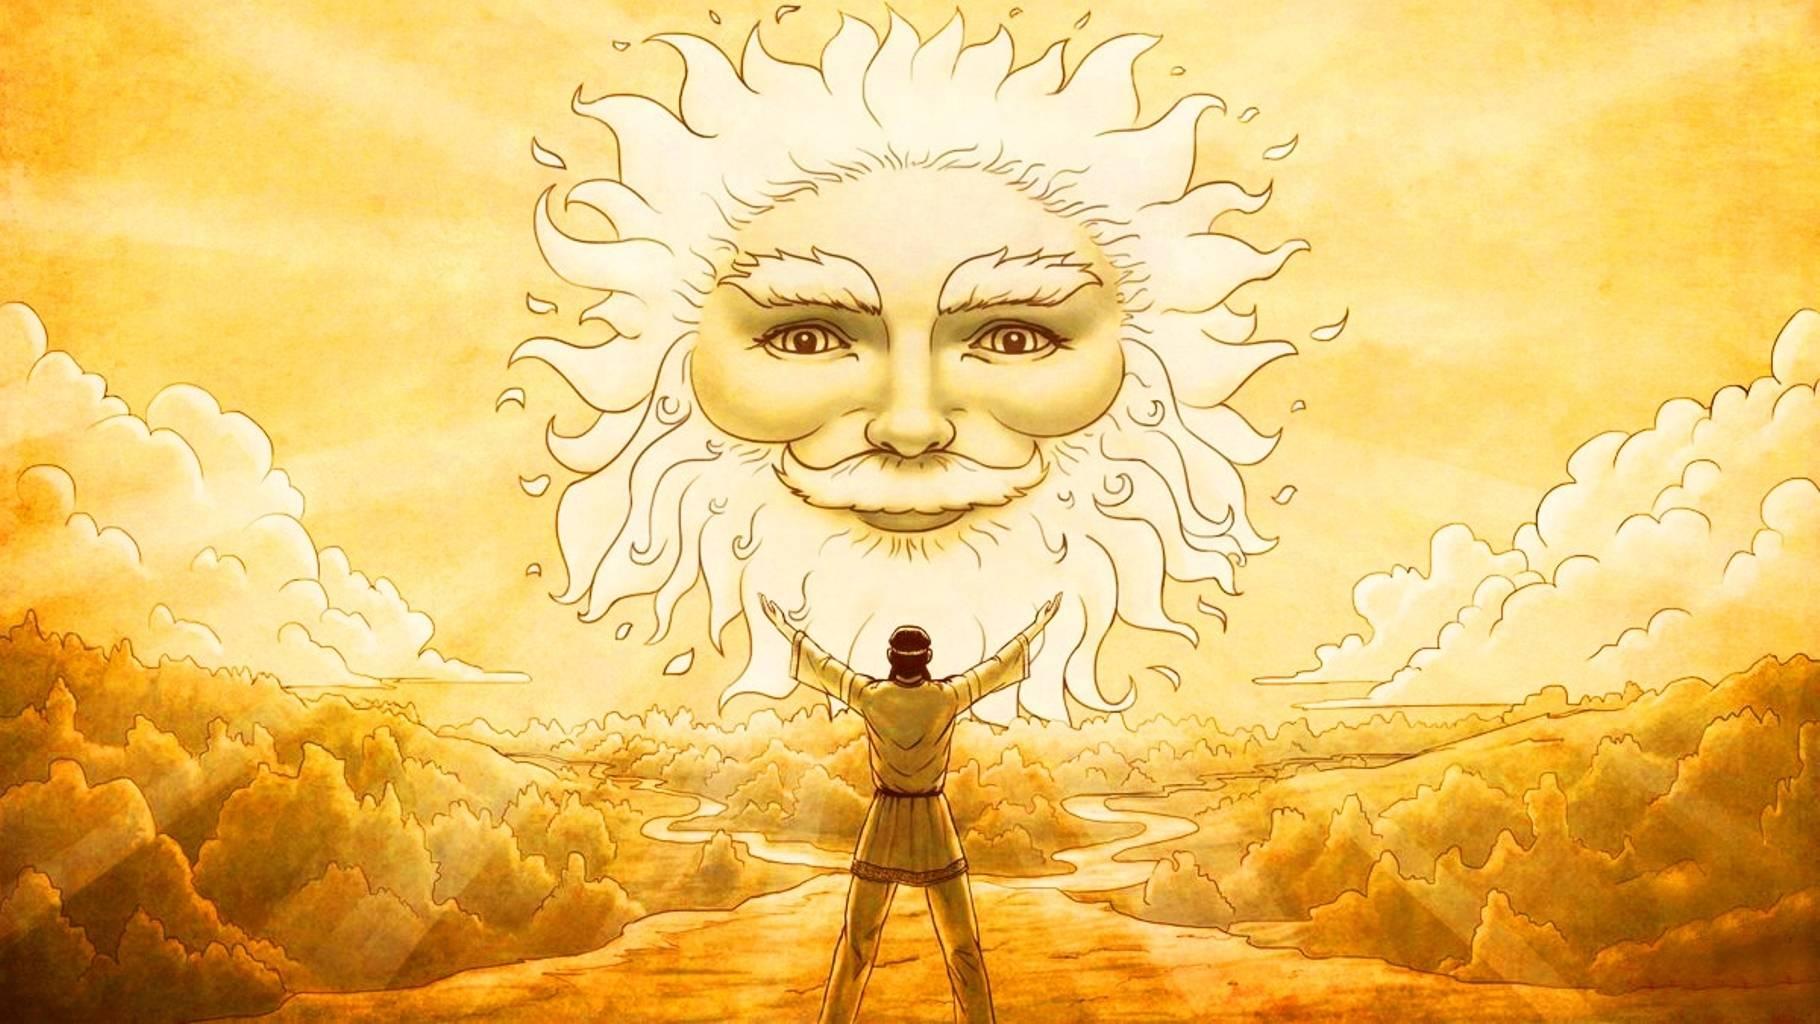 О связях ярилы с солнцем, небом и громовержцем. ярило — бог солнца и посвященный ему праздник ярилин день